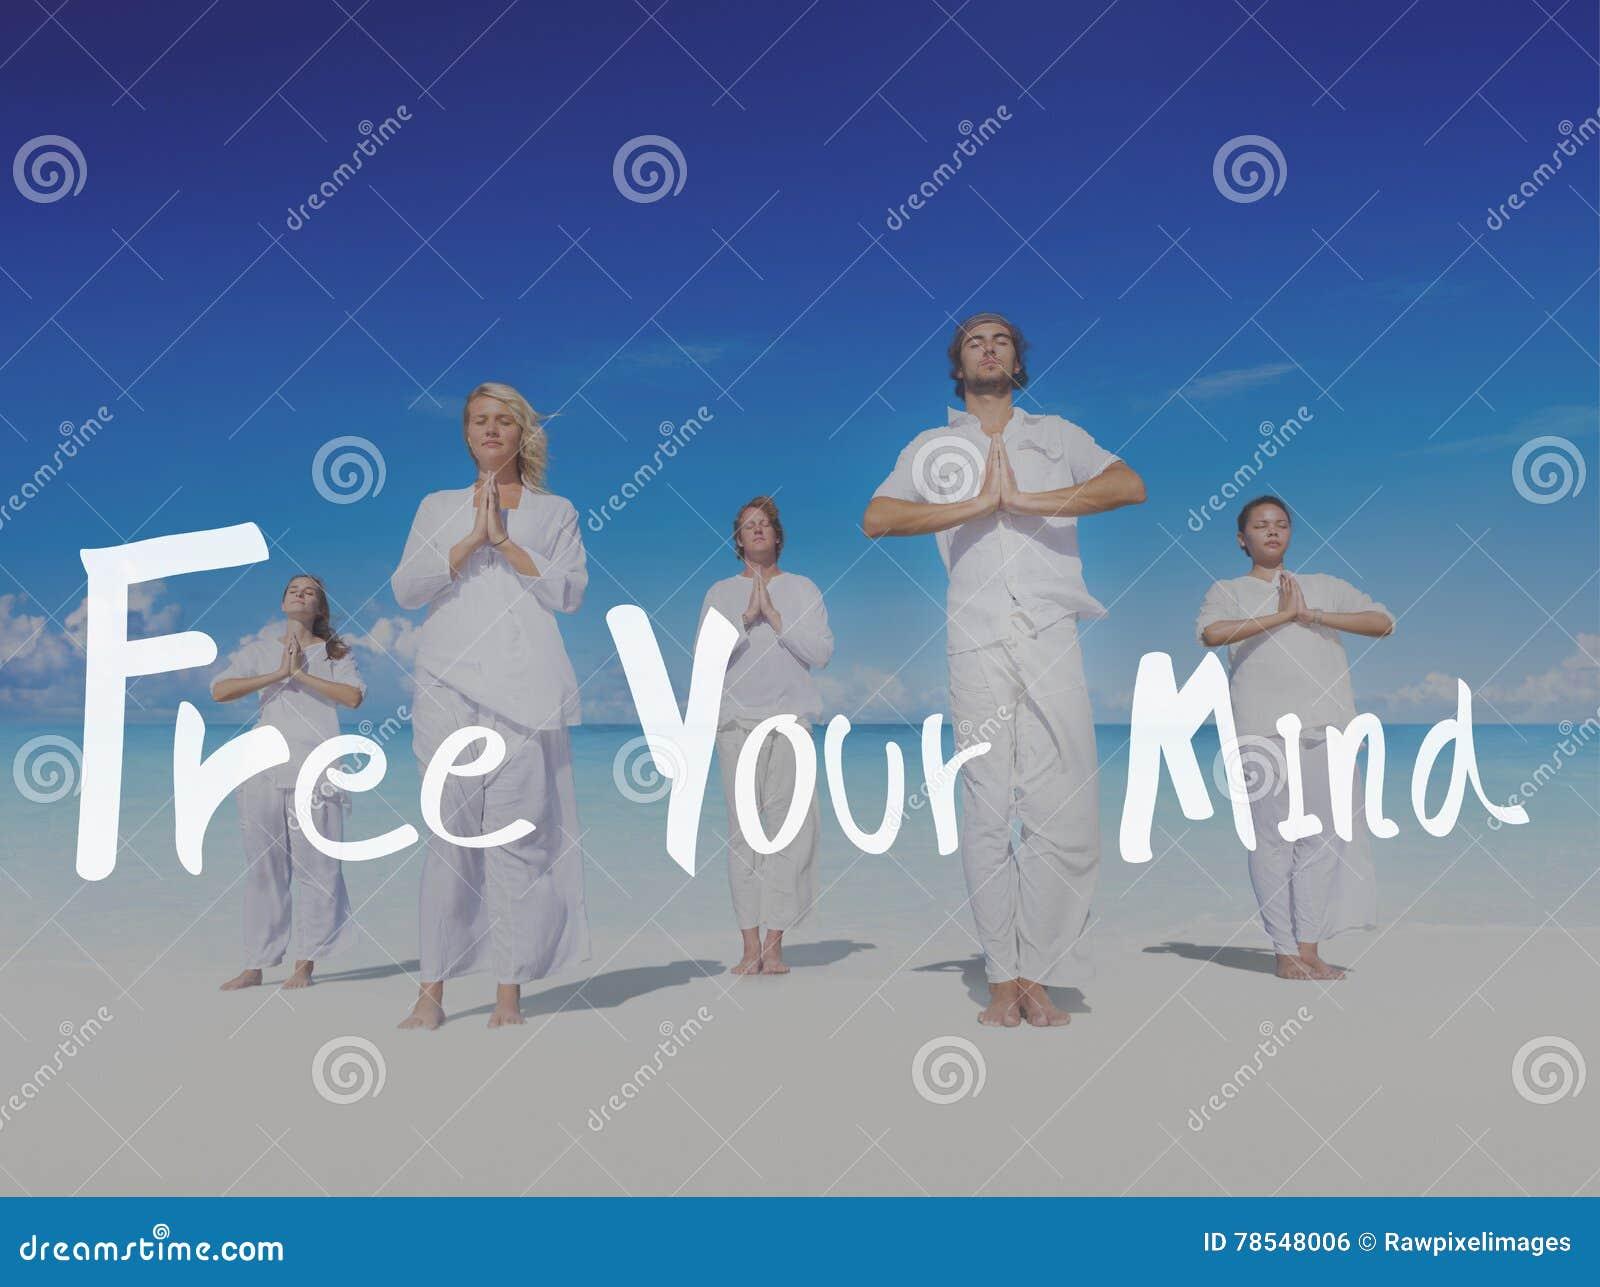 Libere su concepto positivo de la frialdad de la relajación de la mente